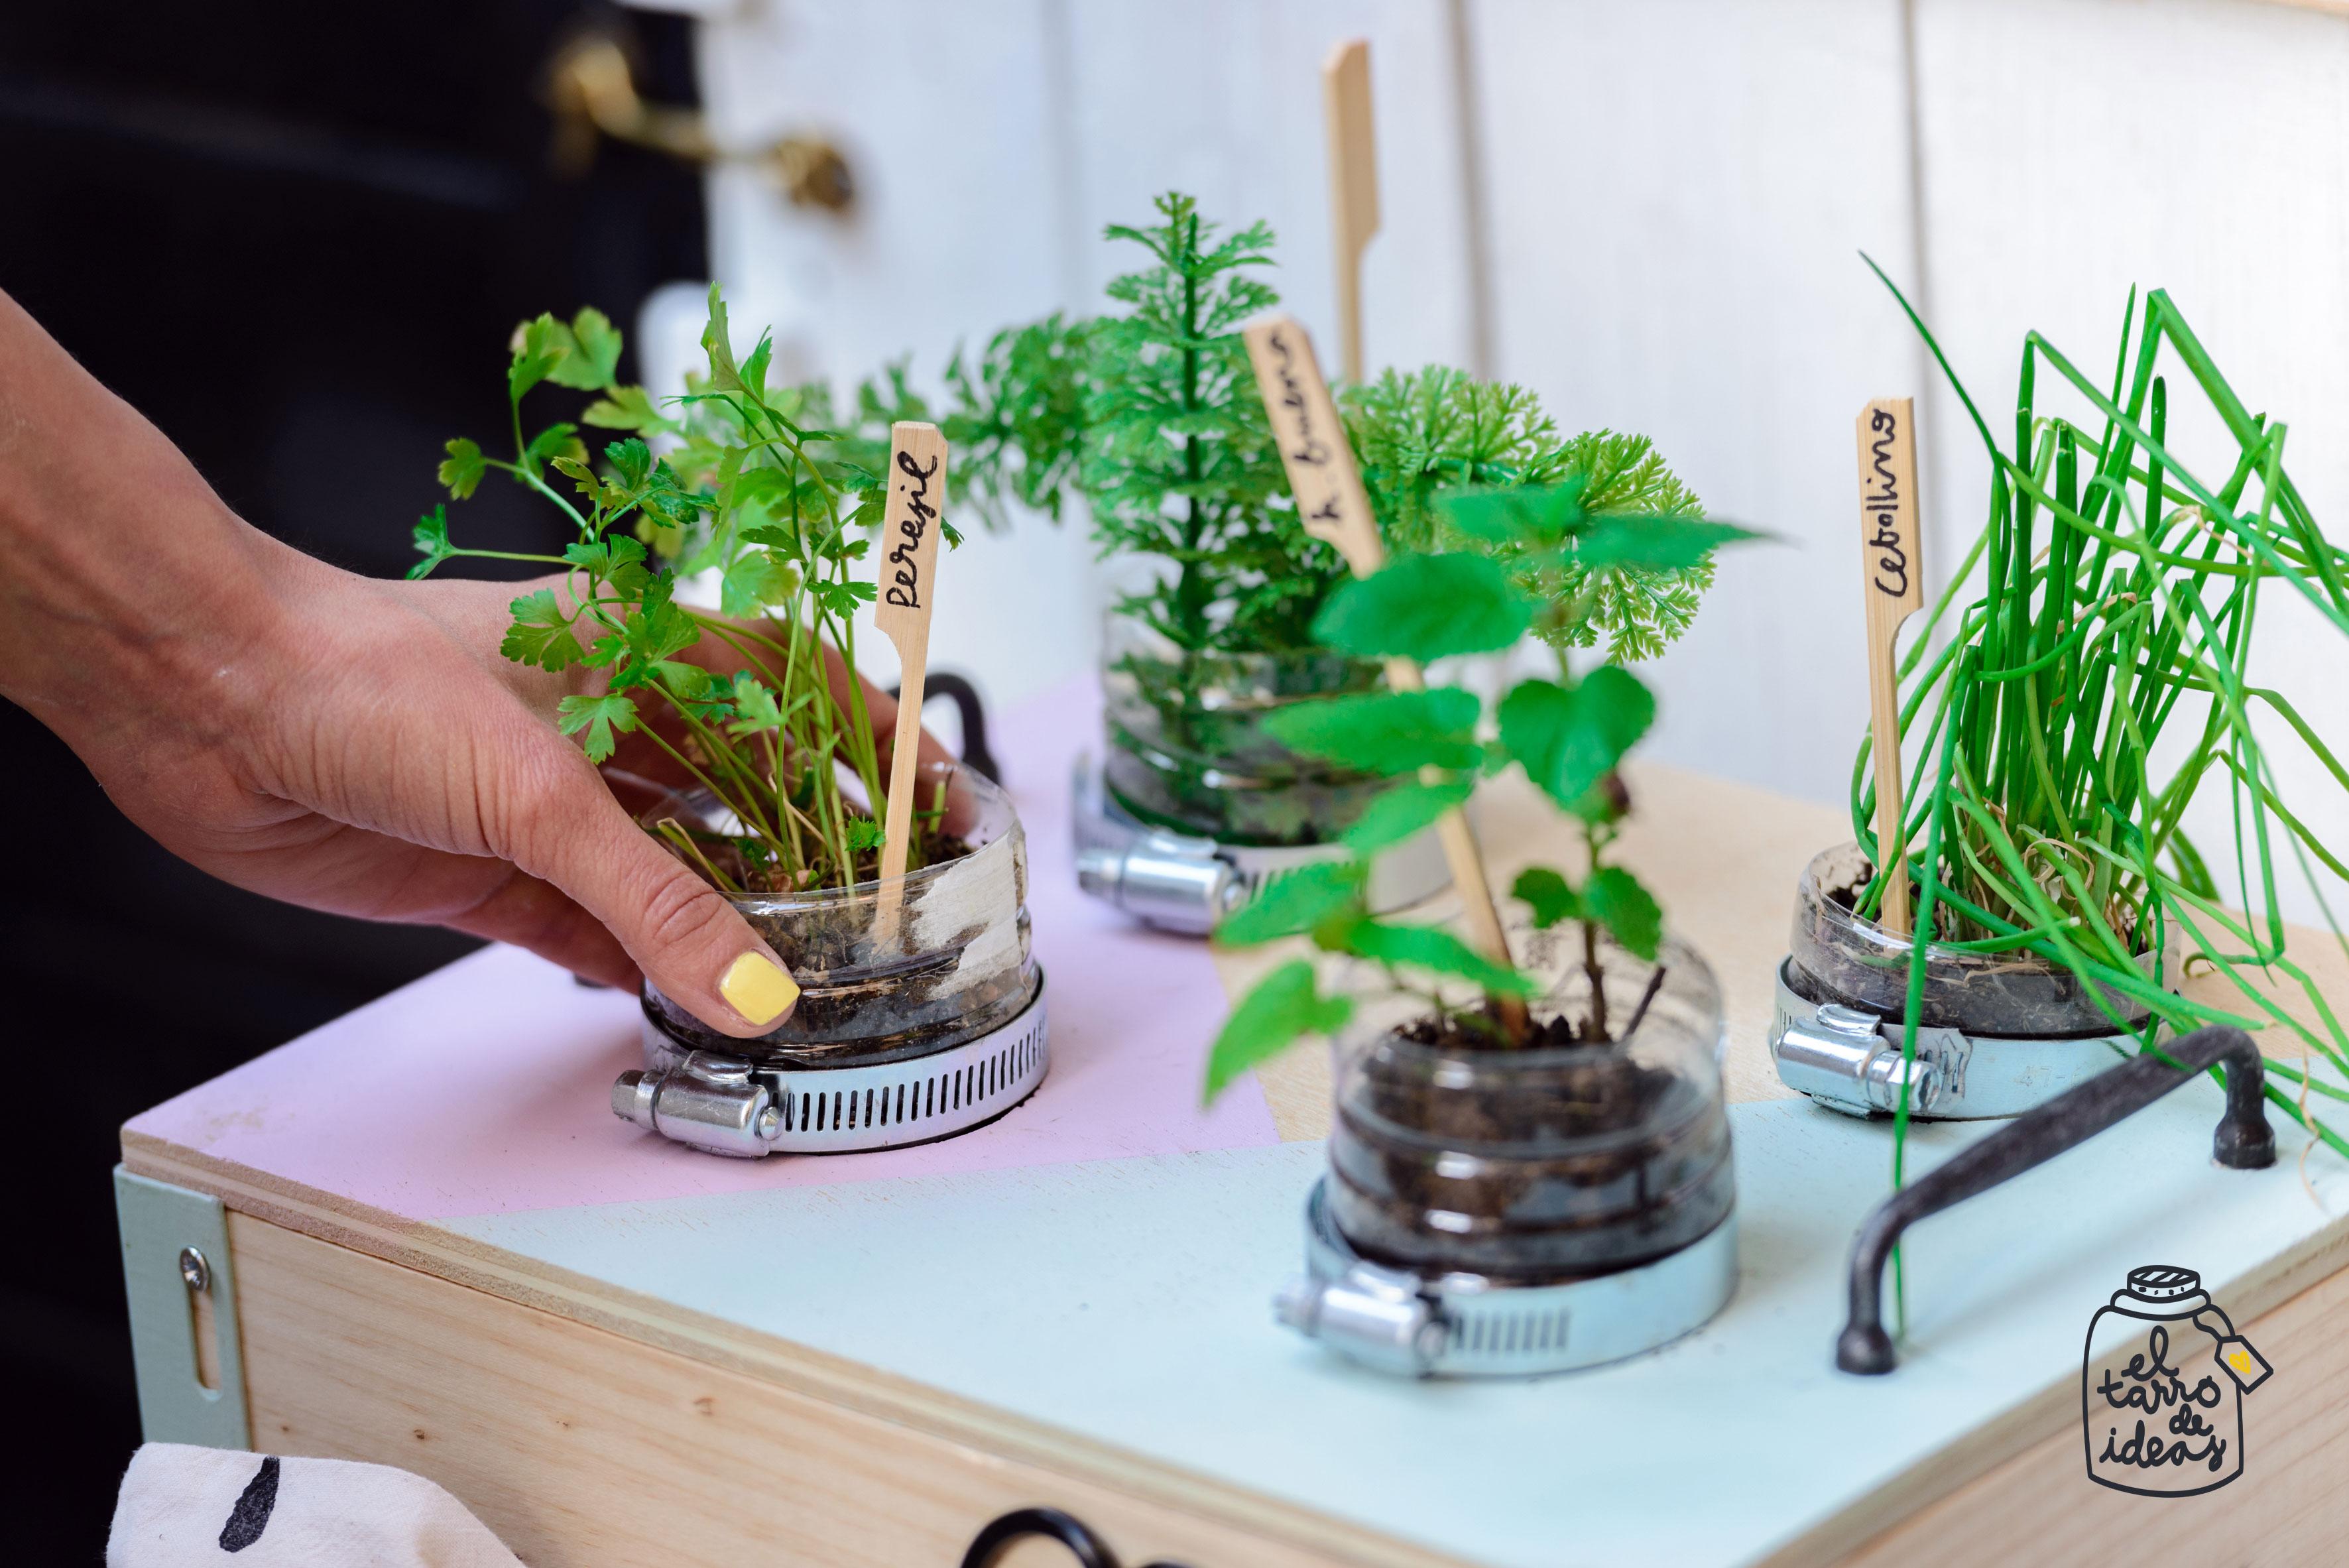 huerto, platas, cocina, verano, decoracion, el tarro de ideas, reciclar, madera, plantas aromáticas, recetas